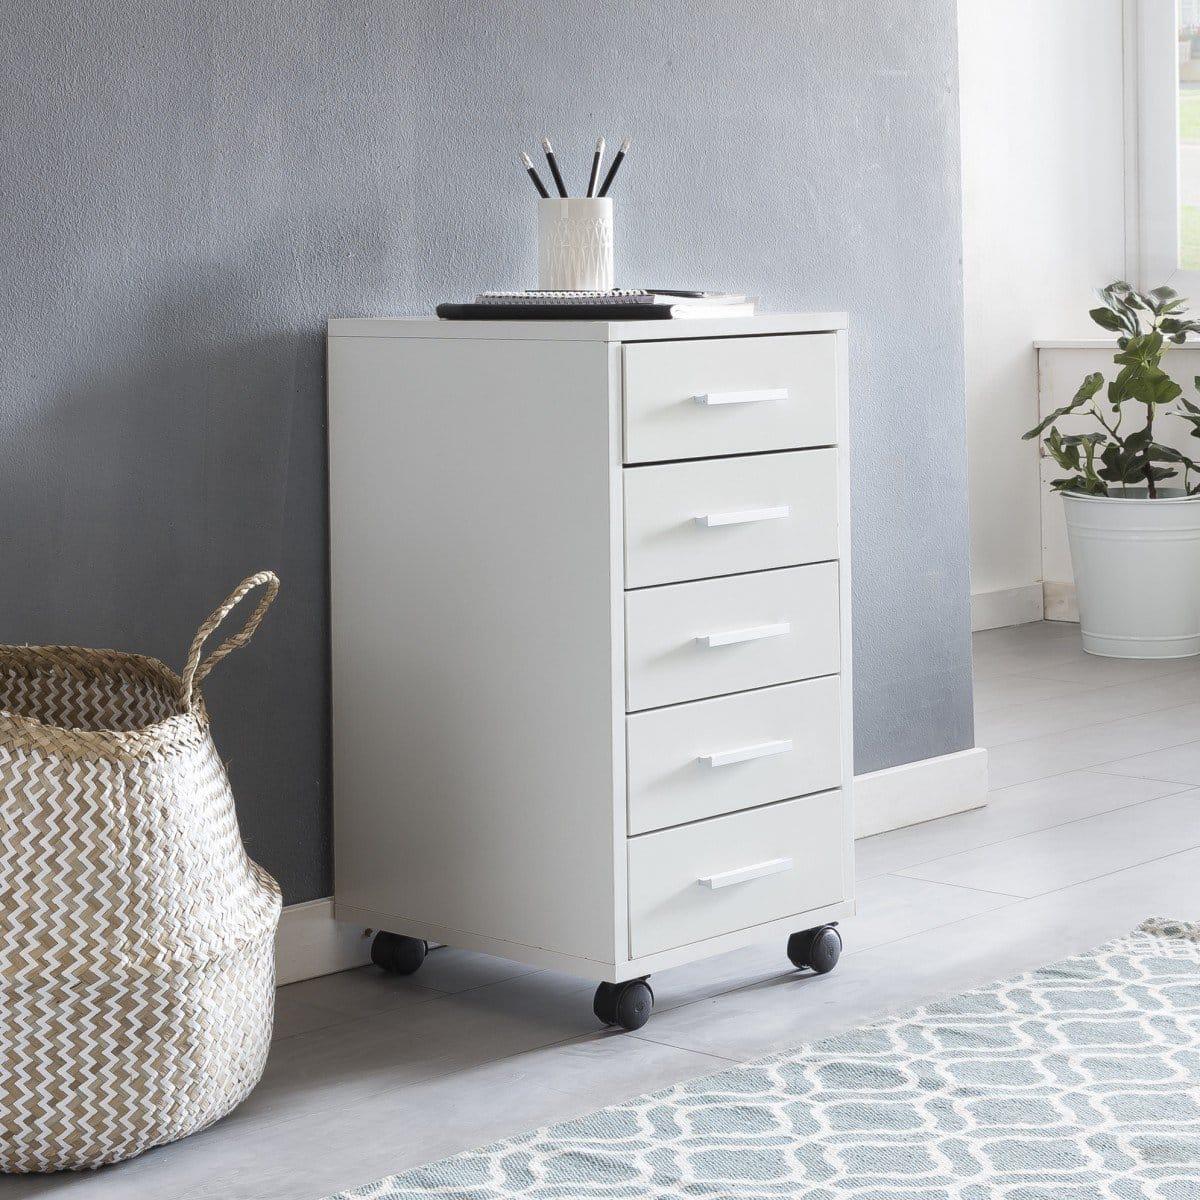 WOHNLING Rollcontainer LISA Weiß 33 x 63 x 38 cm Holz Schubladenschrank Schreibtisch | Büro Schrank mit 5 Schubladen | Container Rollschrank klein Standcontainer schmal | Schreibtischcontainer mit Rollen